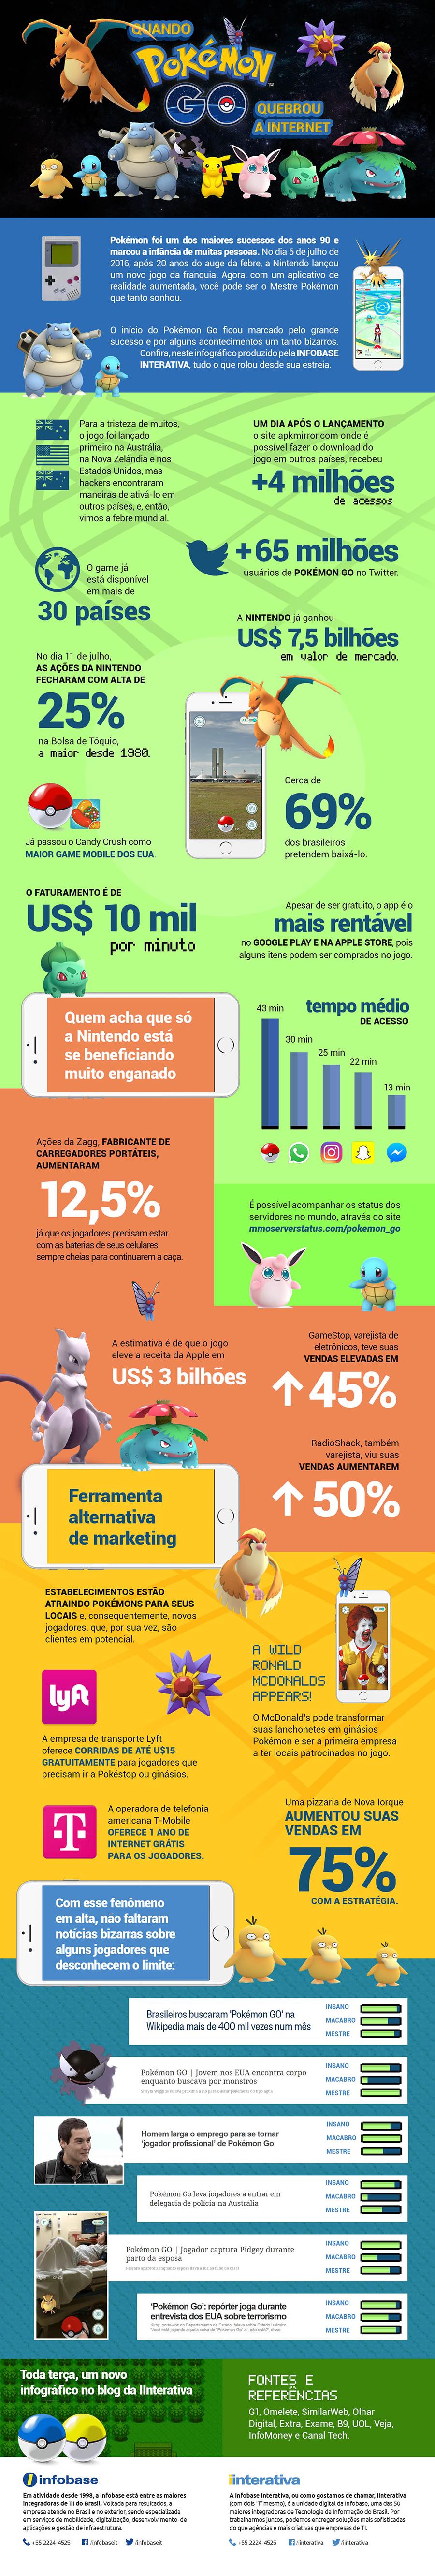 Pokemon-go-infografico